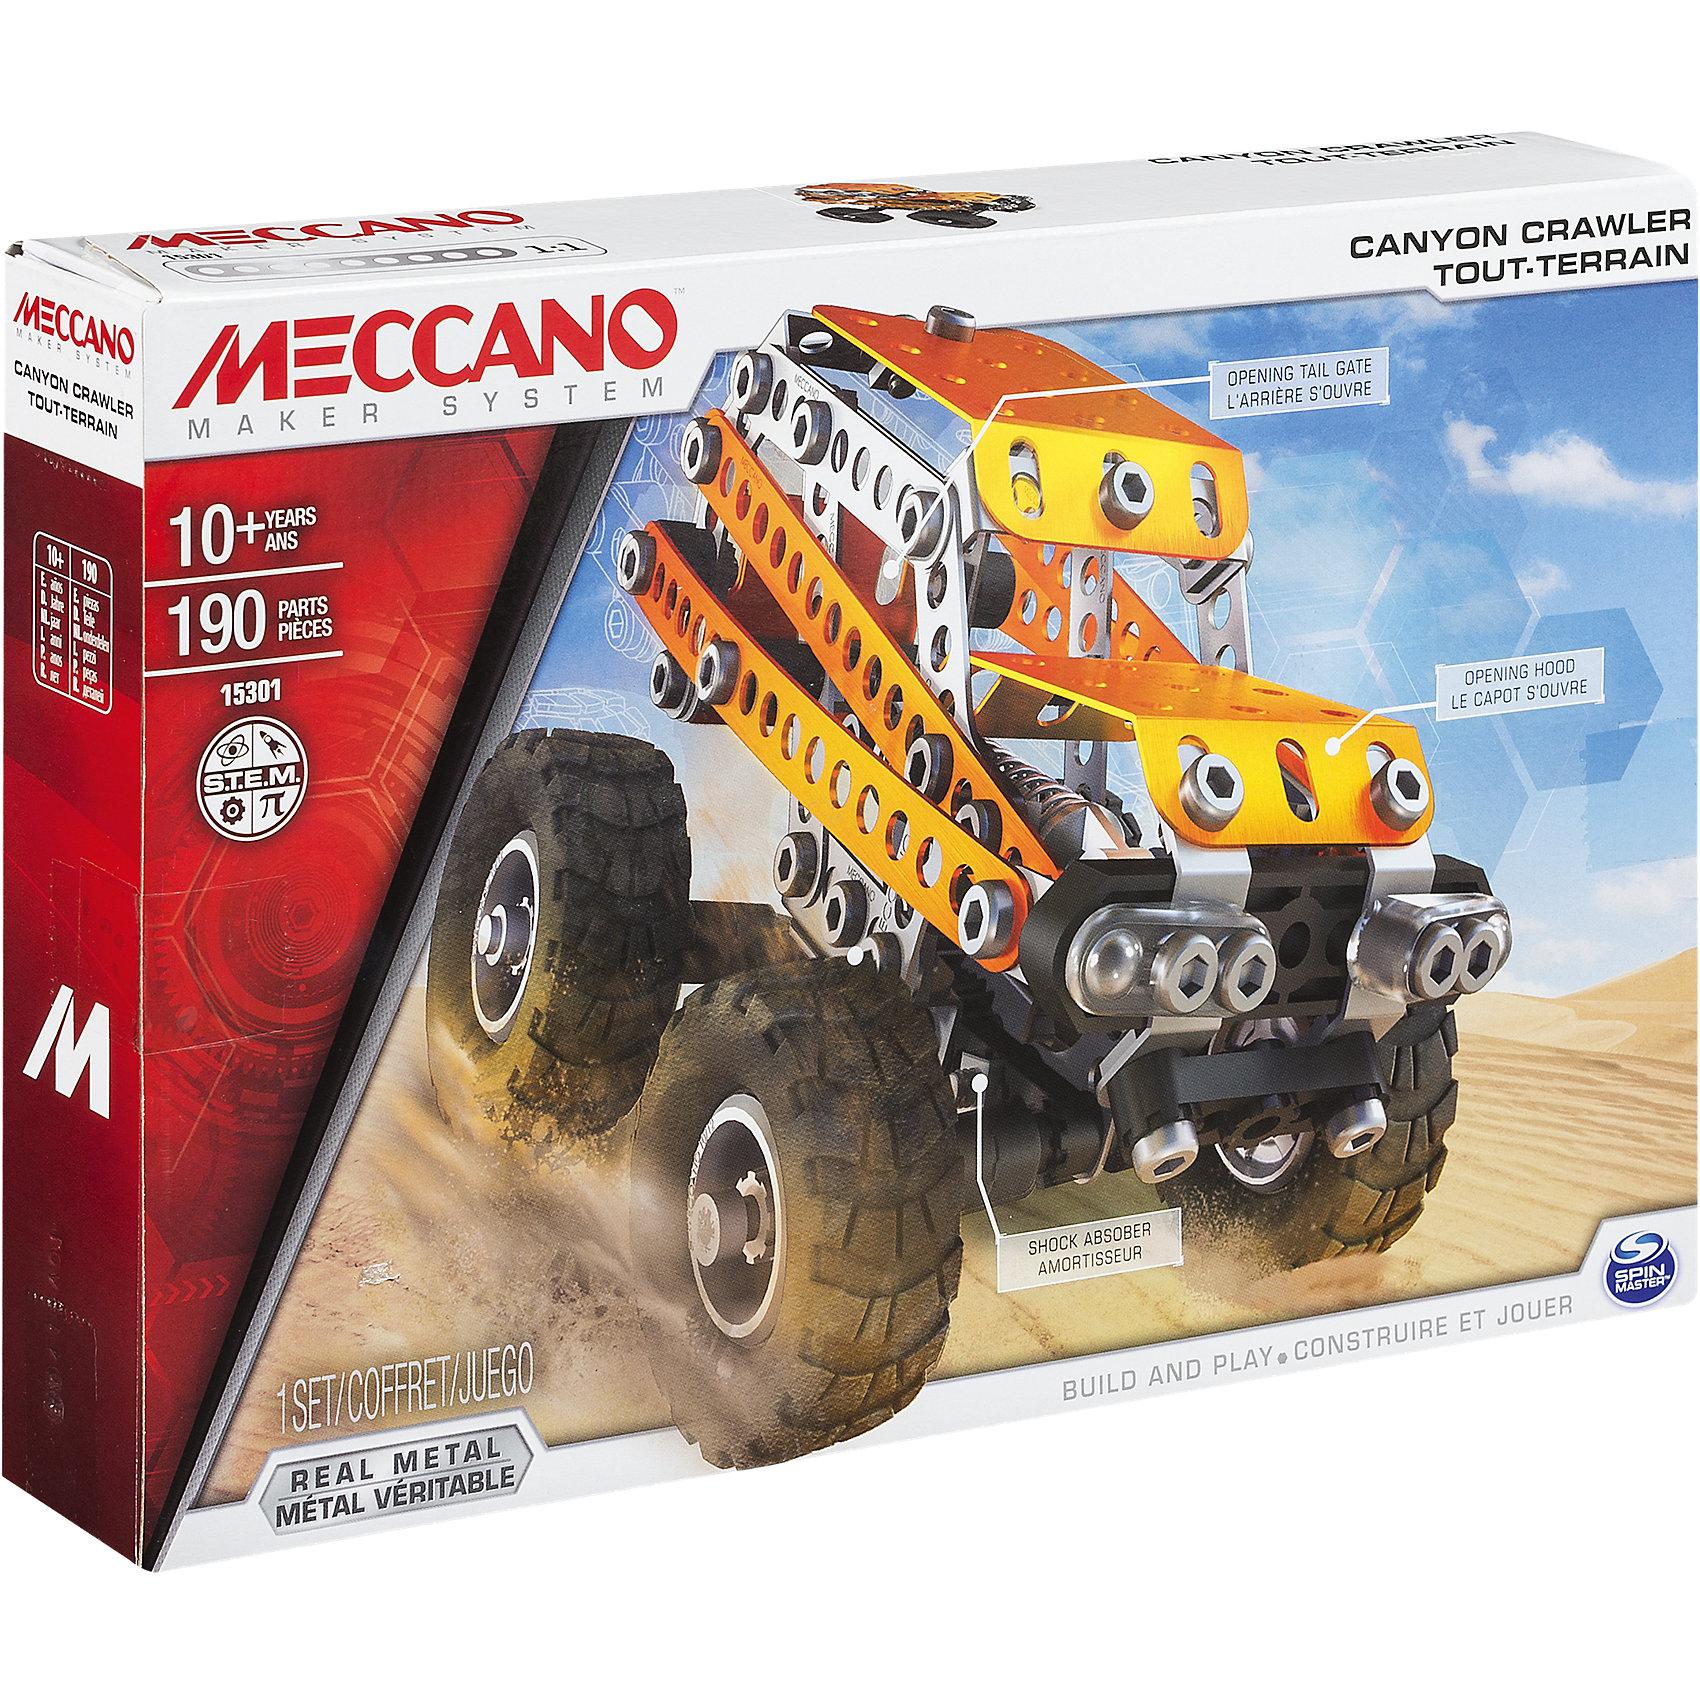 Внедорожник (2 модели), MeccanoЗамечательный набор конструктора Внедорожник (2 модели), Meccano (Меккано), несомненно, порадует поклонников классических конструкторов, собираемых с помощью винтиков и шайбочек! Базовая модель этого набора – джип-внедорожник с большими колесами, который перестраивается в грузовик. Основные детали представляют собой металлические пластины с отверстиями, которые соединяются при помощи болтов, но также в набор входят подвижные элементы – широкие резиновые колеса и части подвески. <br><br>Характеристики:<br>-Части детально проработаны<br>-Детали отлиты из высококачественного сплава, отсутствуют заусенцы и острые грани<br>-Развивает: навыки инженерного мышления, мелкую моторику, комбинаторные навыки, логику, усидчивость<br>-Работающая подвеска, открывающаяся задняя дверь, откидывающийся верх<br>-Детали обшивки стильного цвета – оранжевый металлик<br><br>Комплектация: 190 деталей, инструменты (отвертка, гаечный ключ), схема сборки<br><br>Дополнительная информация:<br>-Количество деталей: 190<br>-Вес в упаковке: 2,1 кг<br>-Размеры в упаковке: 18х25х5 см<br>-Материалы: пластик, металл, резина <br>-Размер основной модели: 12х9х9 см<br><br>Яркий металлический набор Внедорожник (2 модели), Meccano (Меккано) – отличный подарок для школьника, который любит проектирование, строительство и различные механизмы!<br><br>Внедорожник (2 модели), Meccano (Меккано) можно купить в нашем магазине.<br><br>Ширина мм: 300<br>Глубина мм: 205<br>Высота мм: 53<br>Вес г: 455<br>Возраст от месяцев: 120<br>Возраст до месяцев: 180<br>Пол: Мужской<br>Возраст: Детский<br>SKU: 4158559